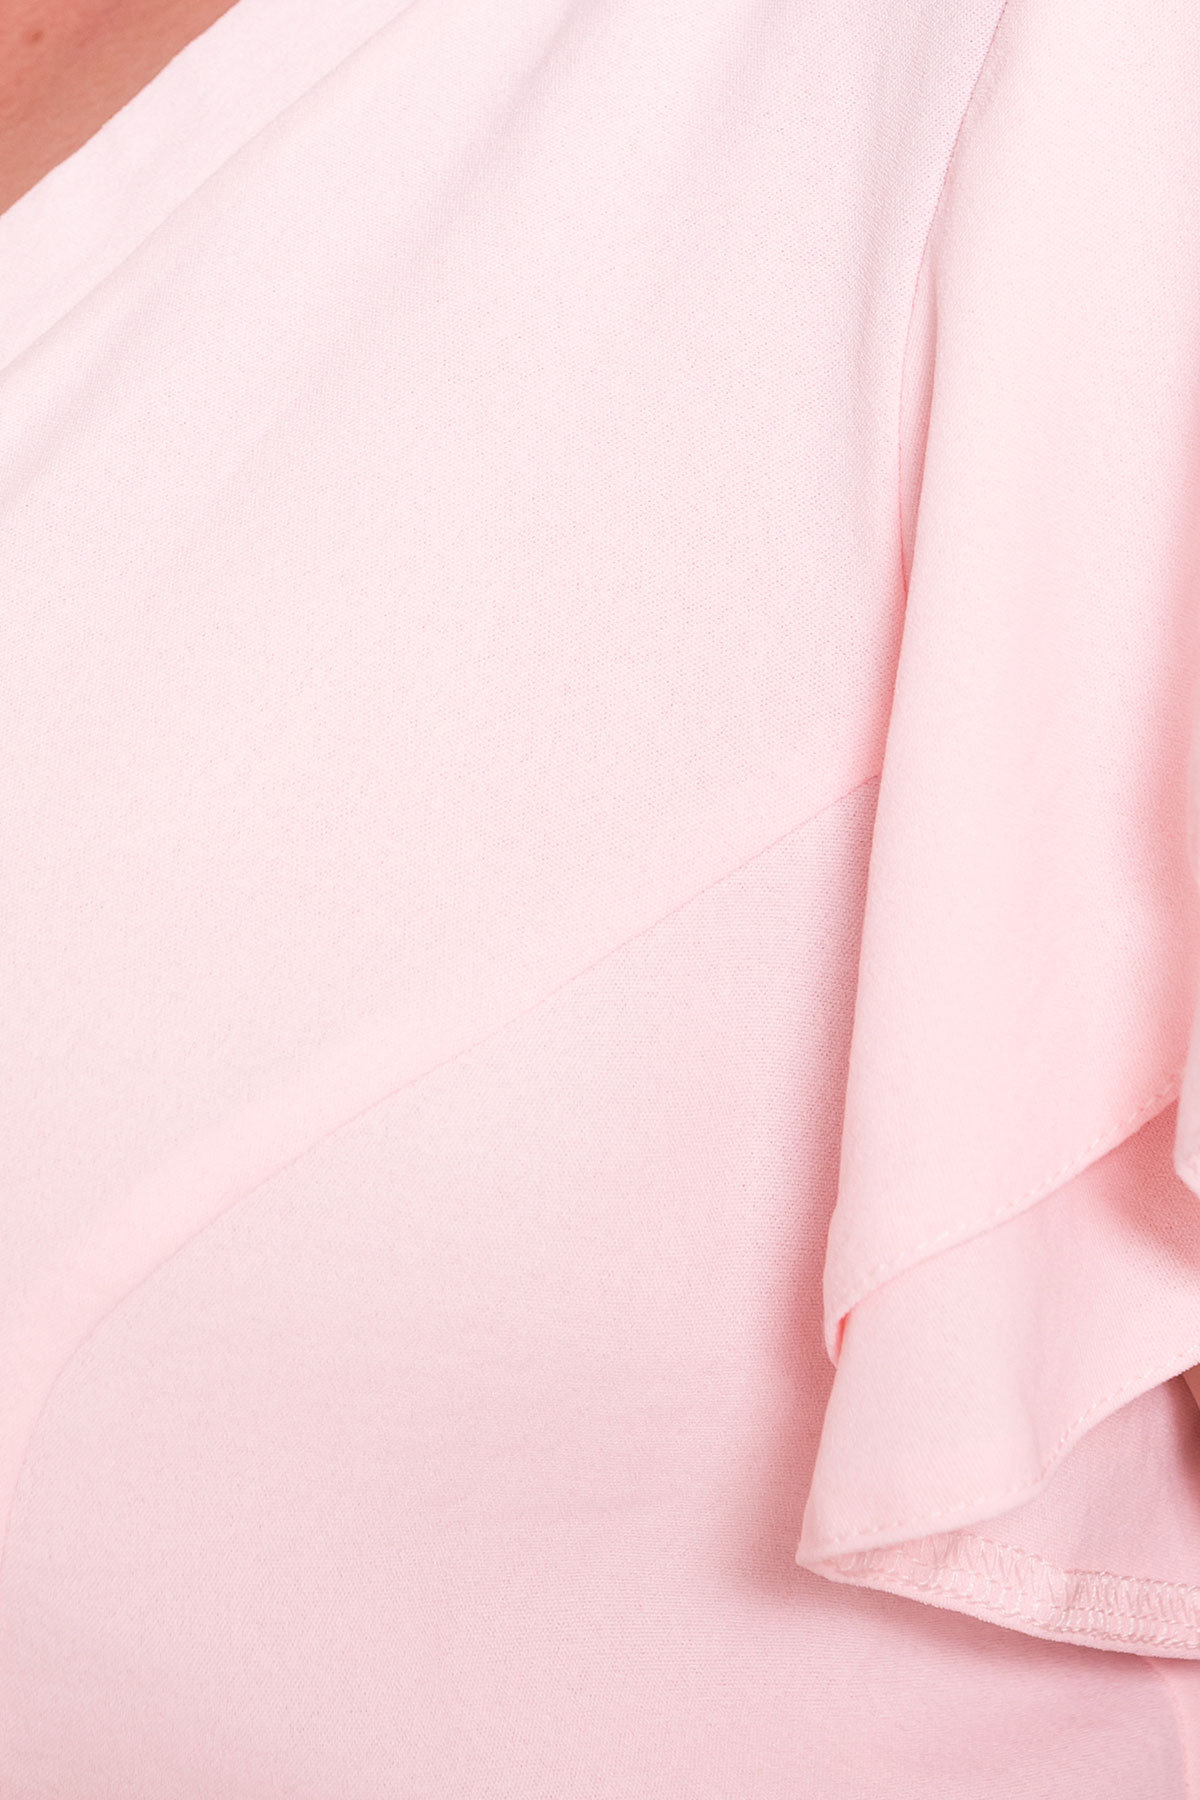 Платье Аделиса DONNA 7355 АРТ. 43166 Цвет: Розовый Светлый - фото 4, интернет магазин tm-modus.ru